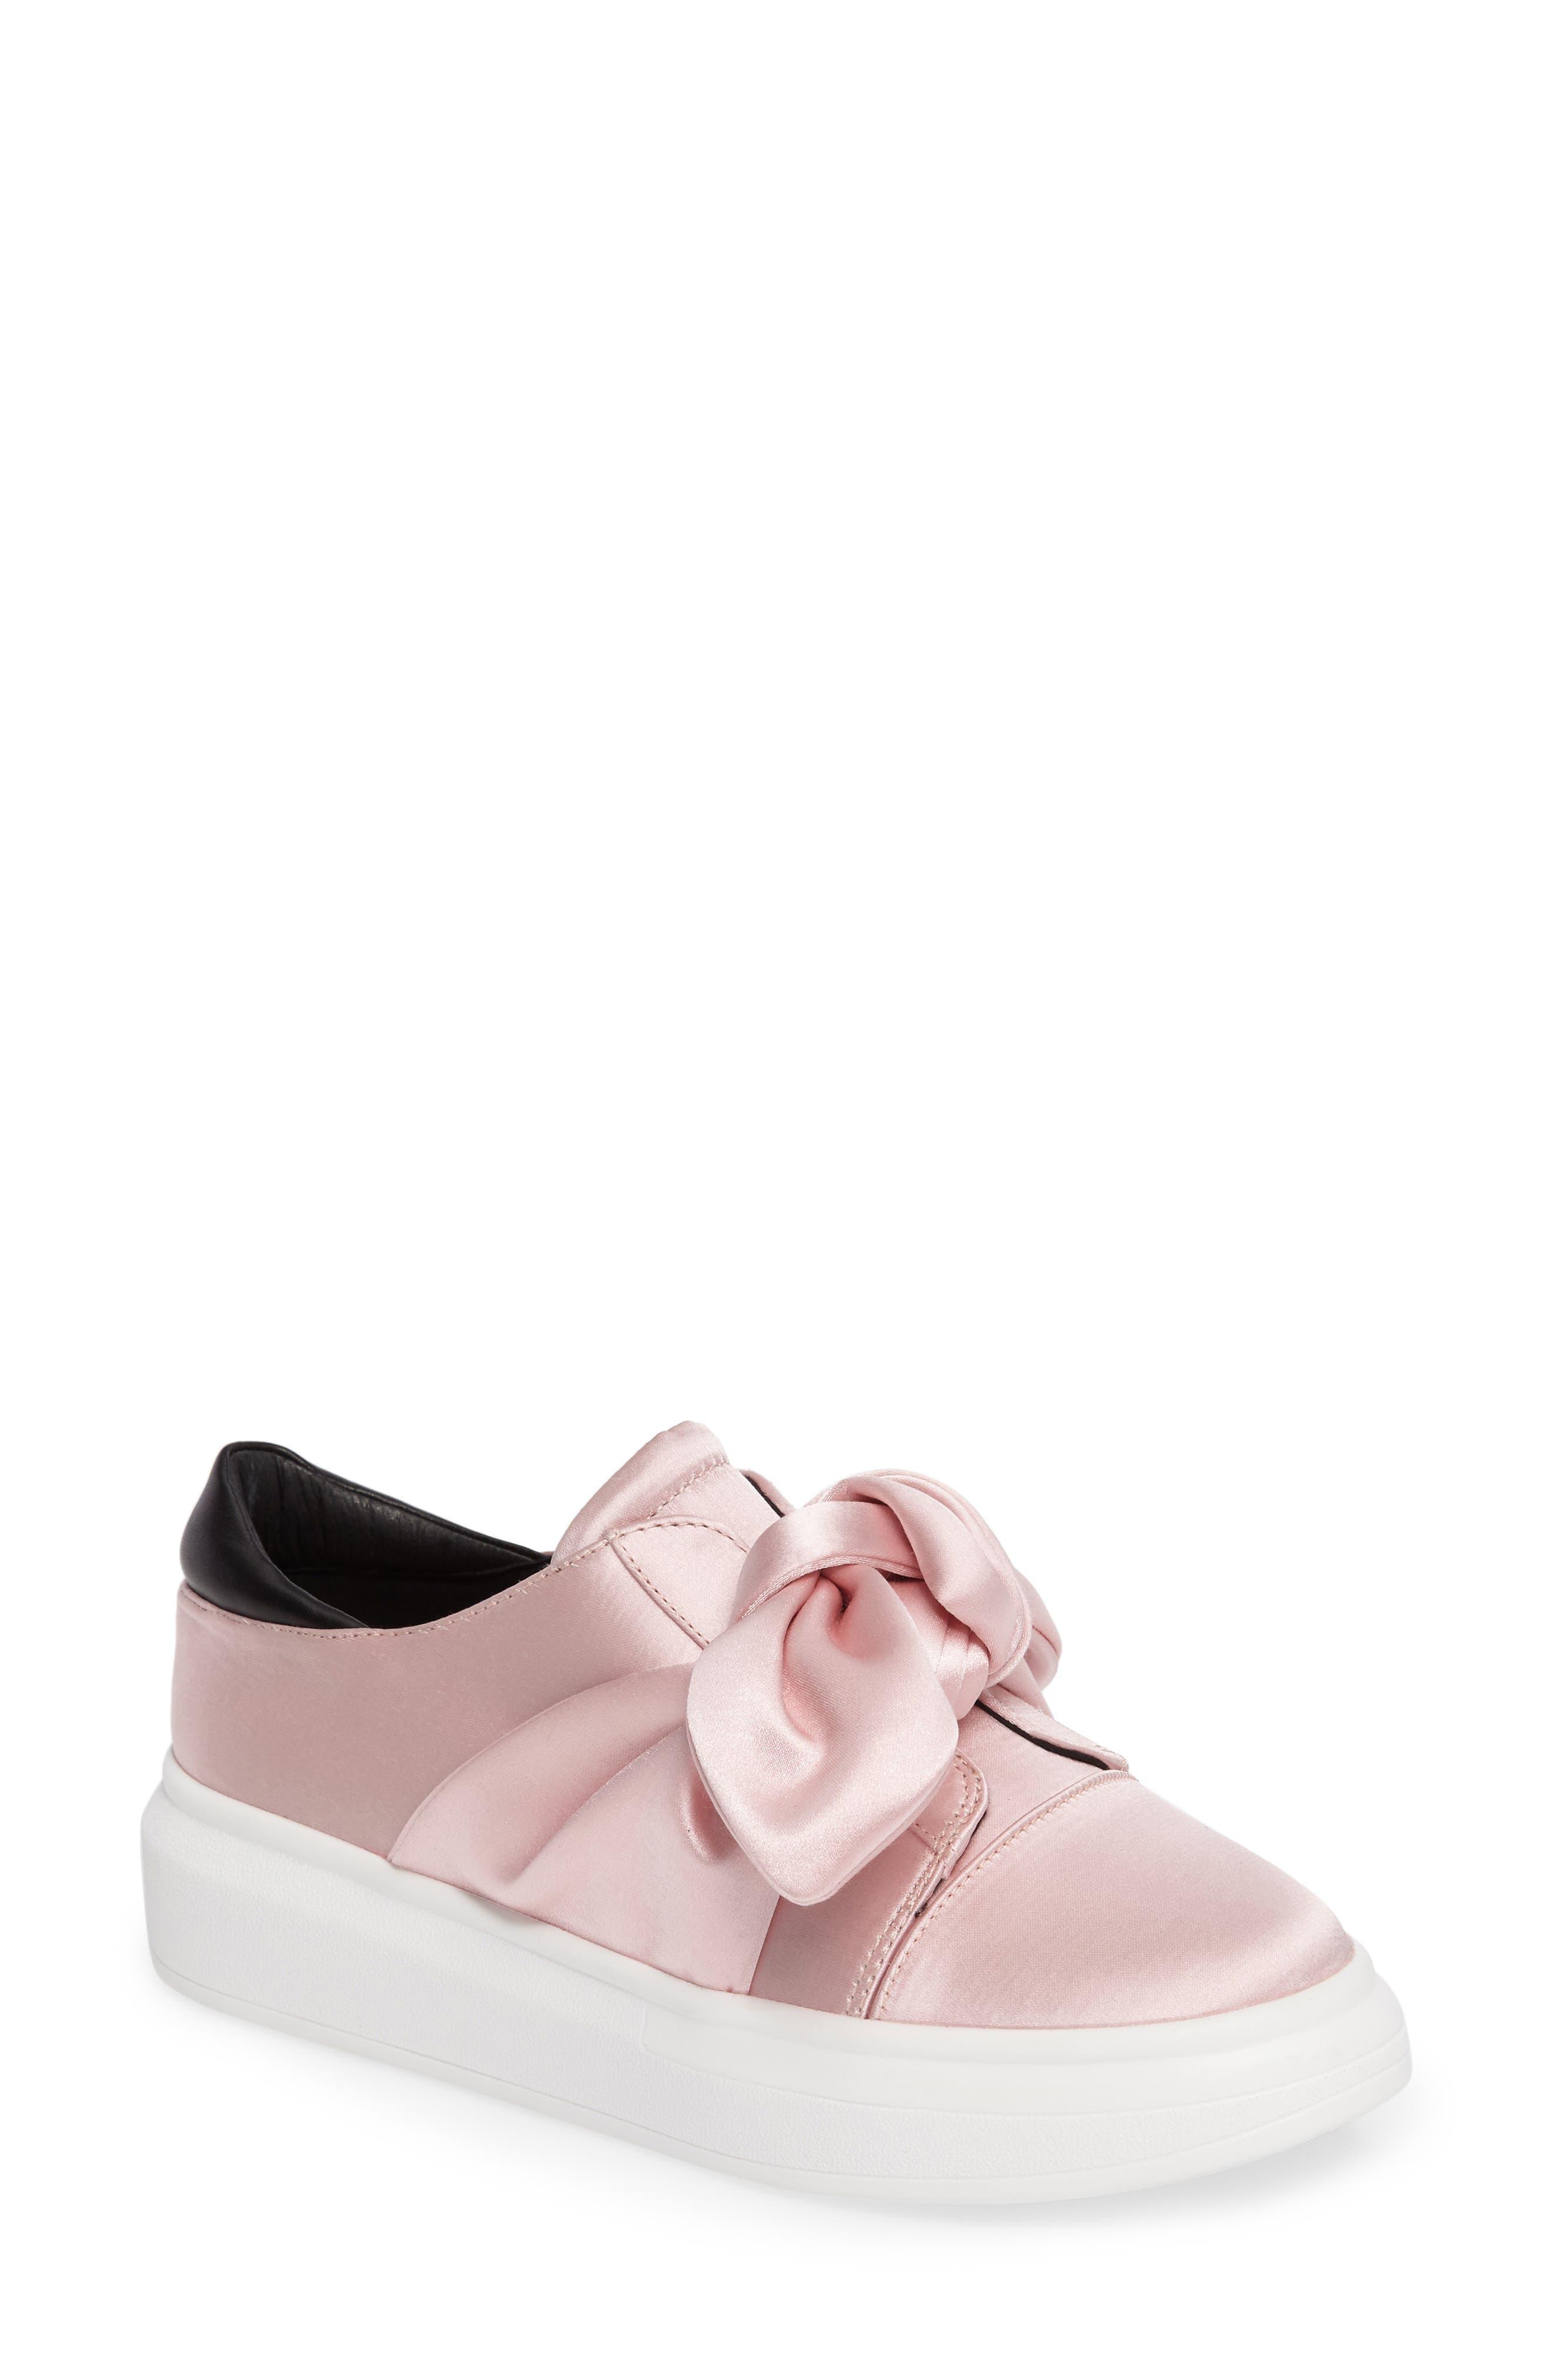 Edgar Slip-On Sneaker,                         Main,                         color, 650